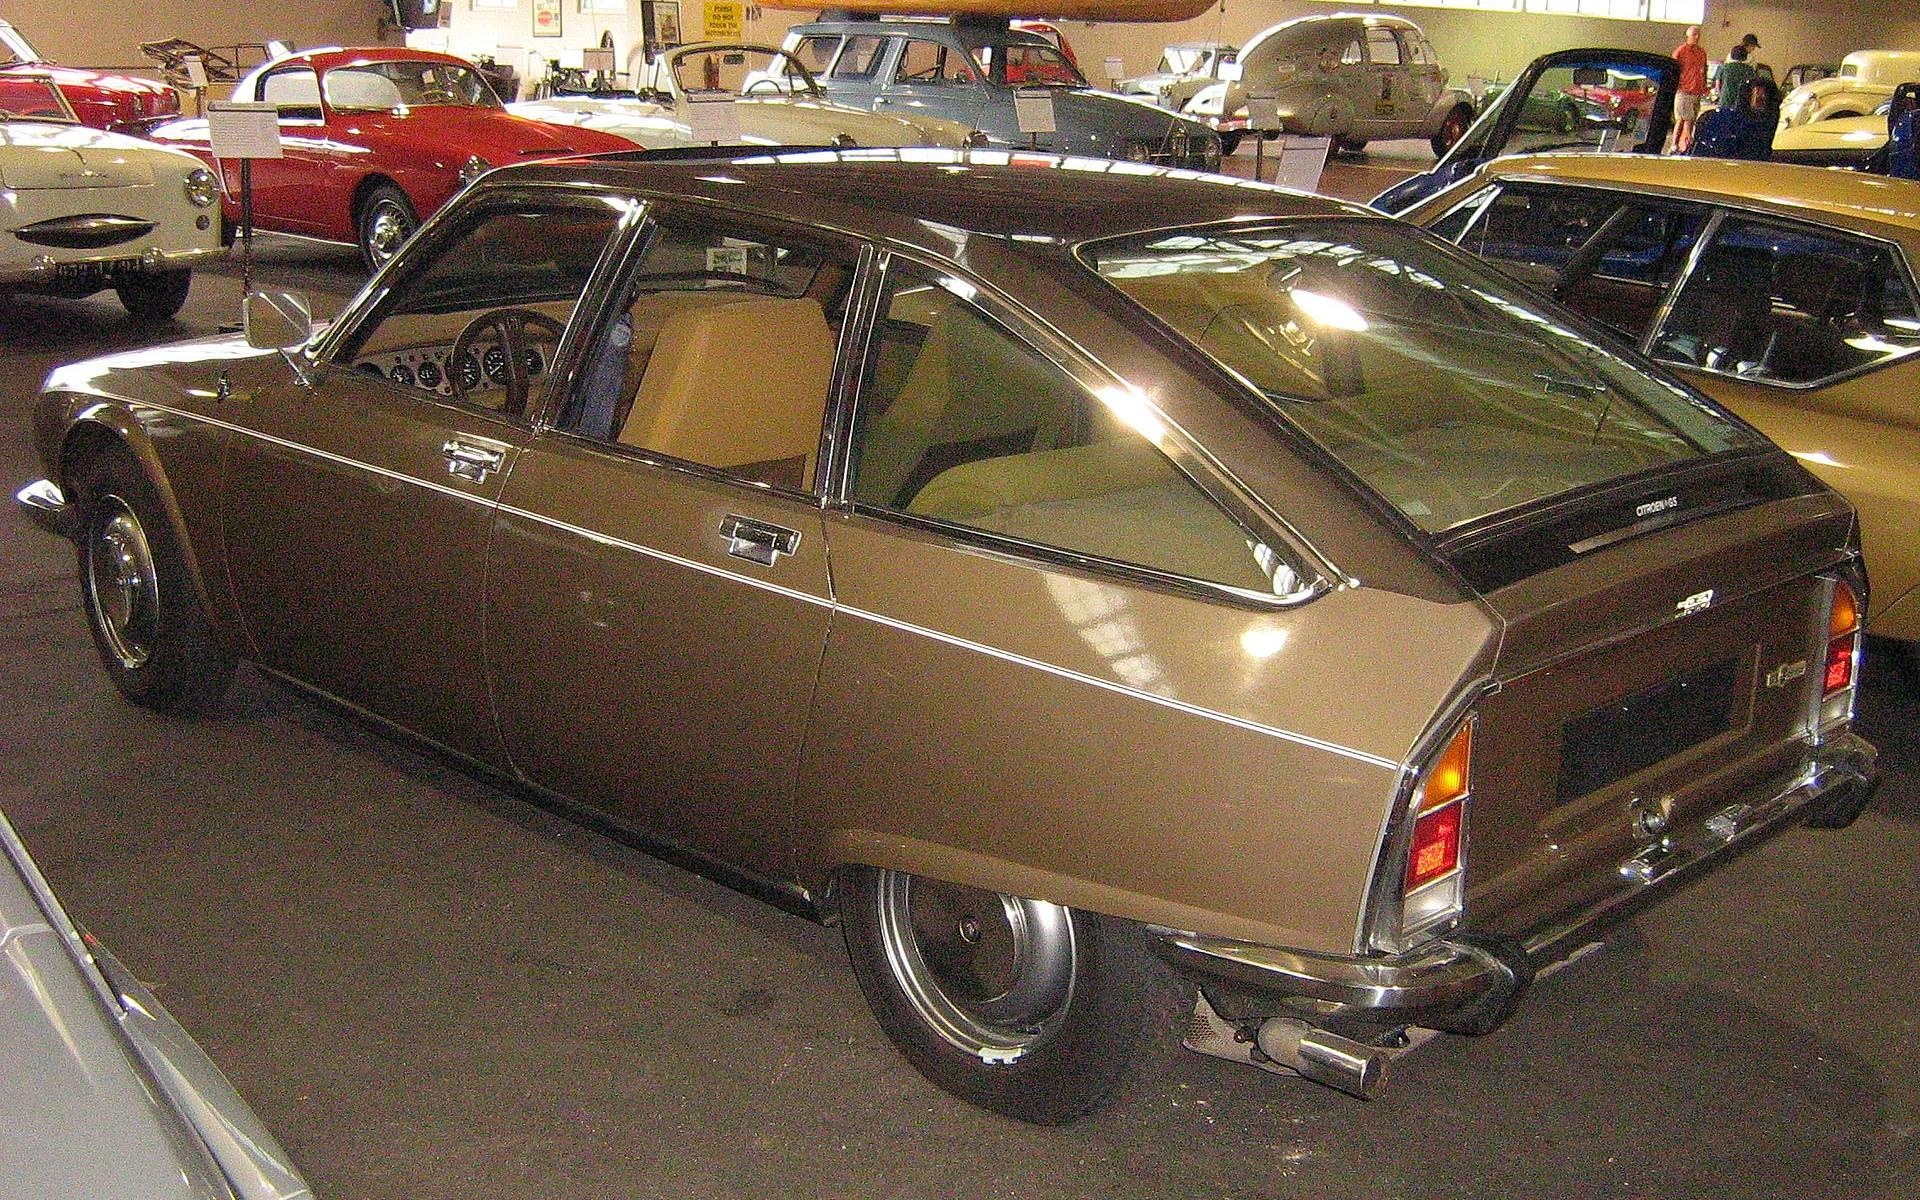 Citroën M35 et GS Birotor : il n'y a pas que Mazda qui a vendu du rotatif! 419271-citroen-m35-et-gs-birotor-il-n-y-a-pas-que-mazda-qui-a-vendu-du-rotatif